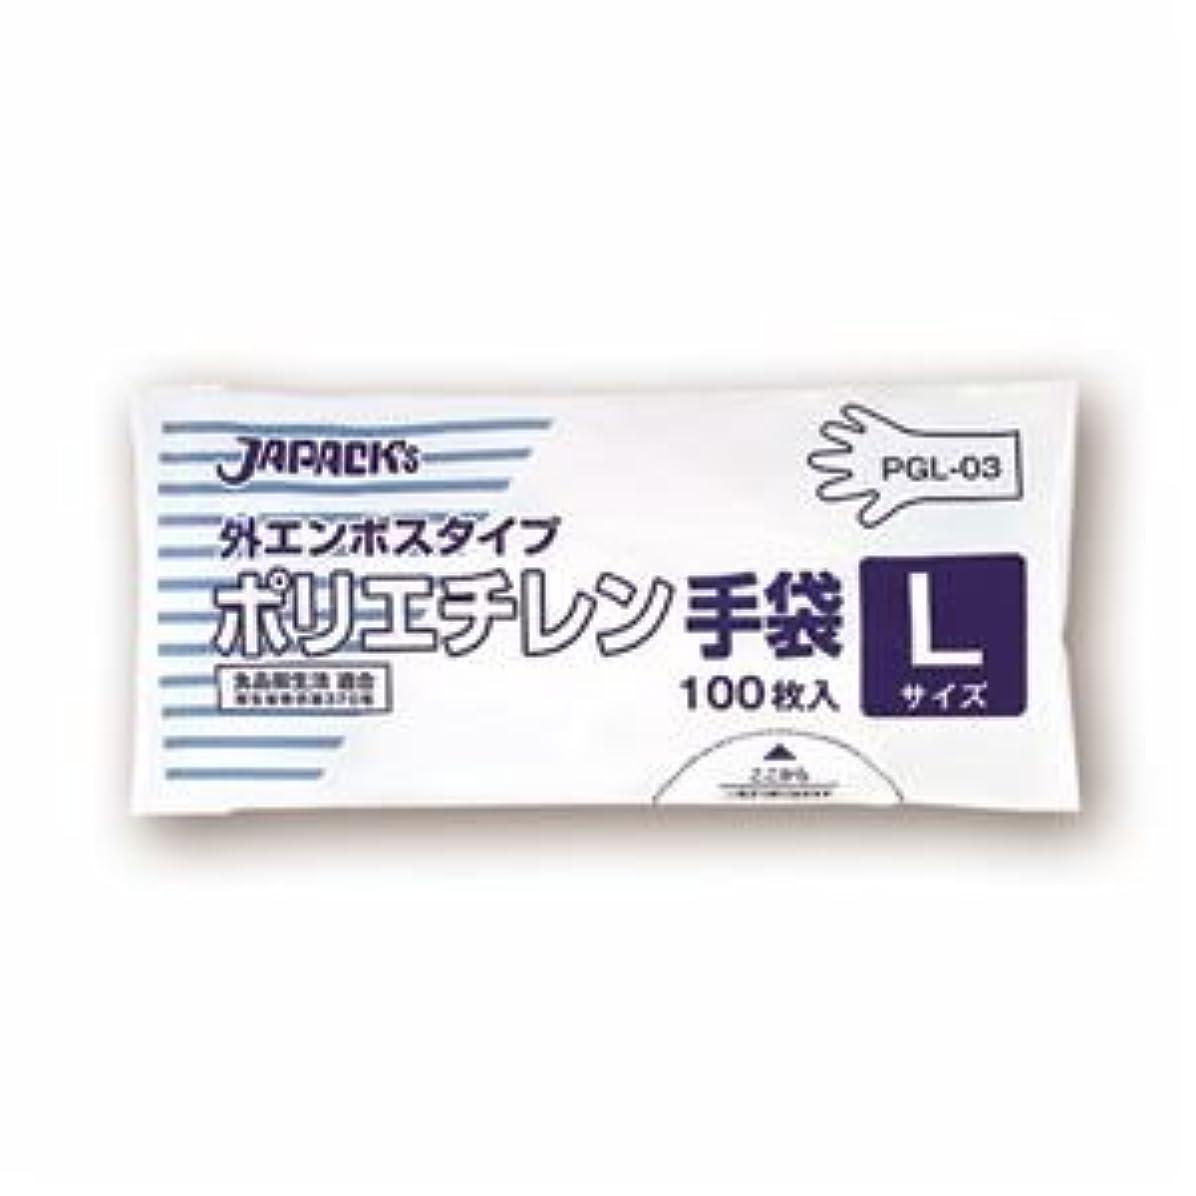 中ふつう宿題をする(まとめ) ジャパックス 外エンボスタイプ LDポリエチレン手袋 L PGL-03 1パック(100枚) 【×20セット】 ds-1583316